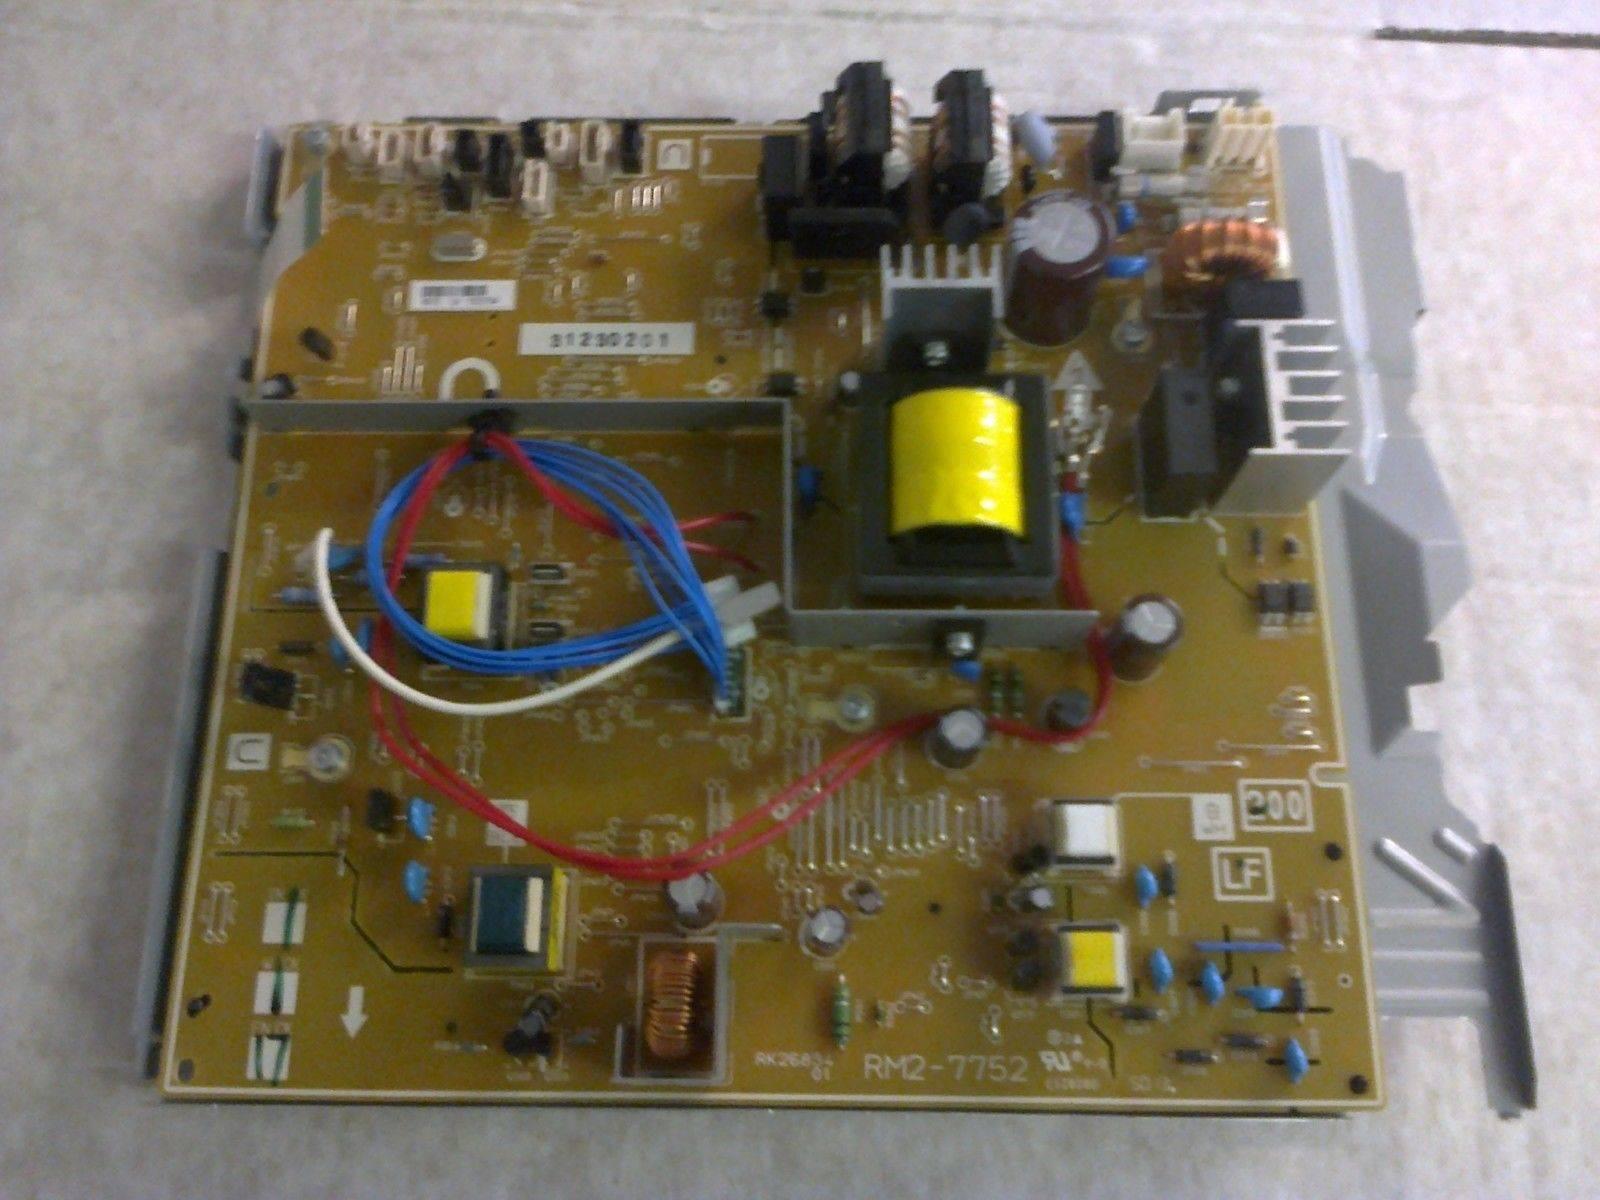 Фото Плата DC-контроллера HP LJ M401a, n (RM1-9299, RK2-6834, RM1-9038, RM2-7762)